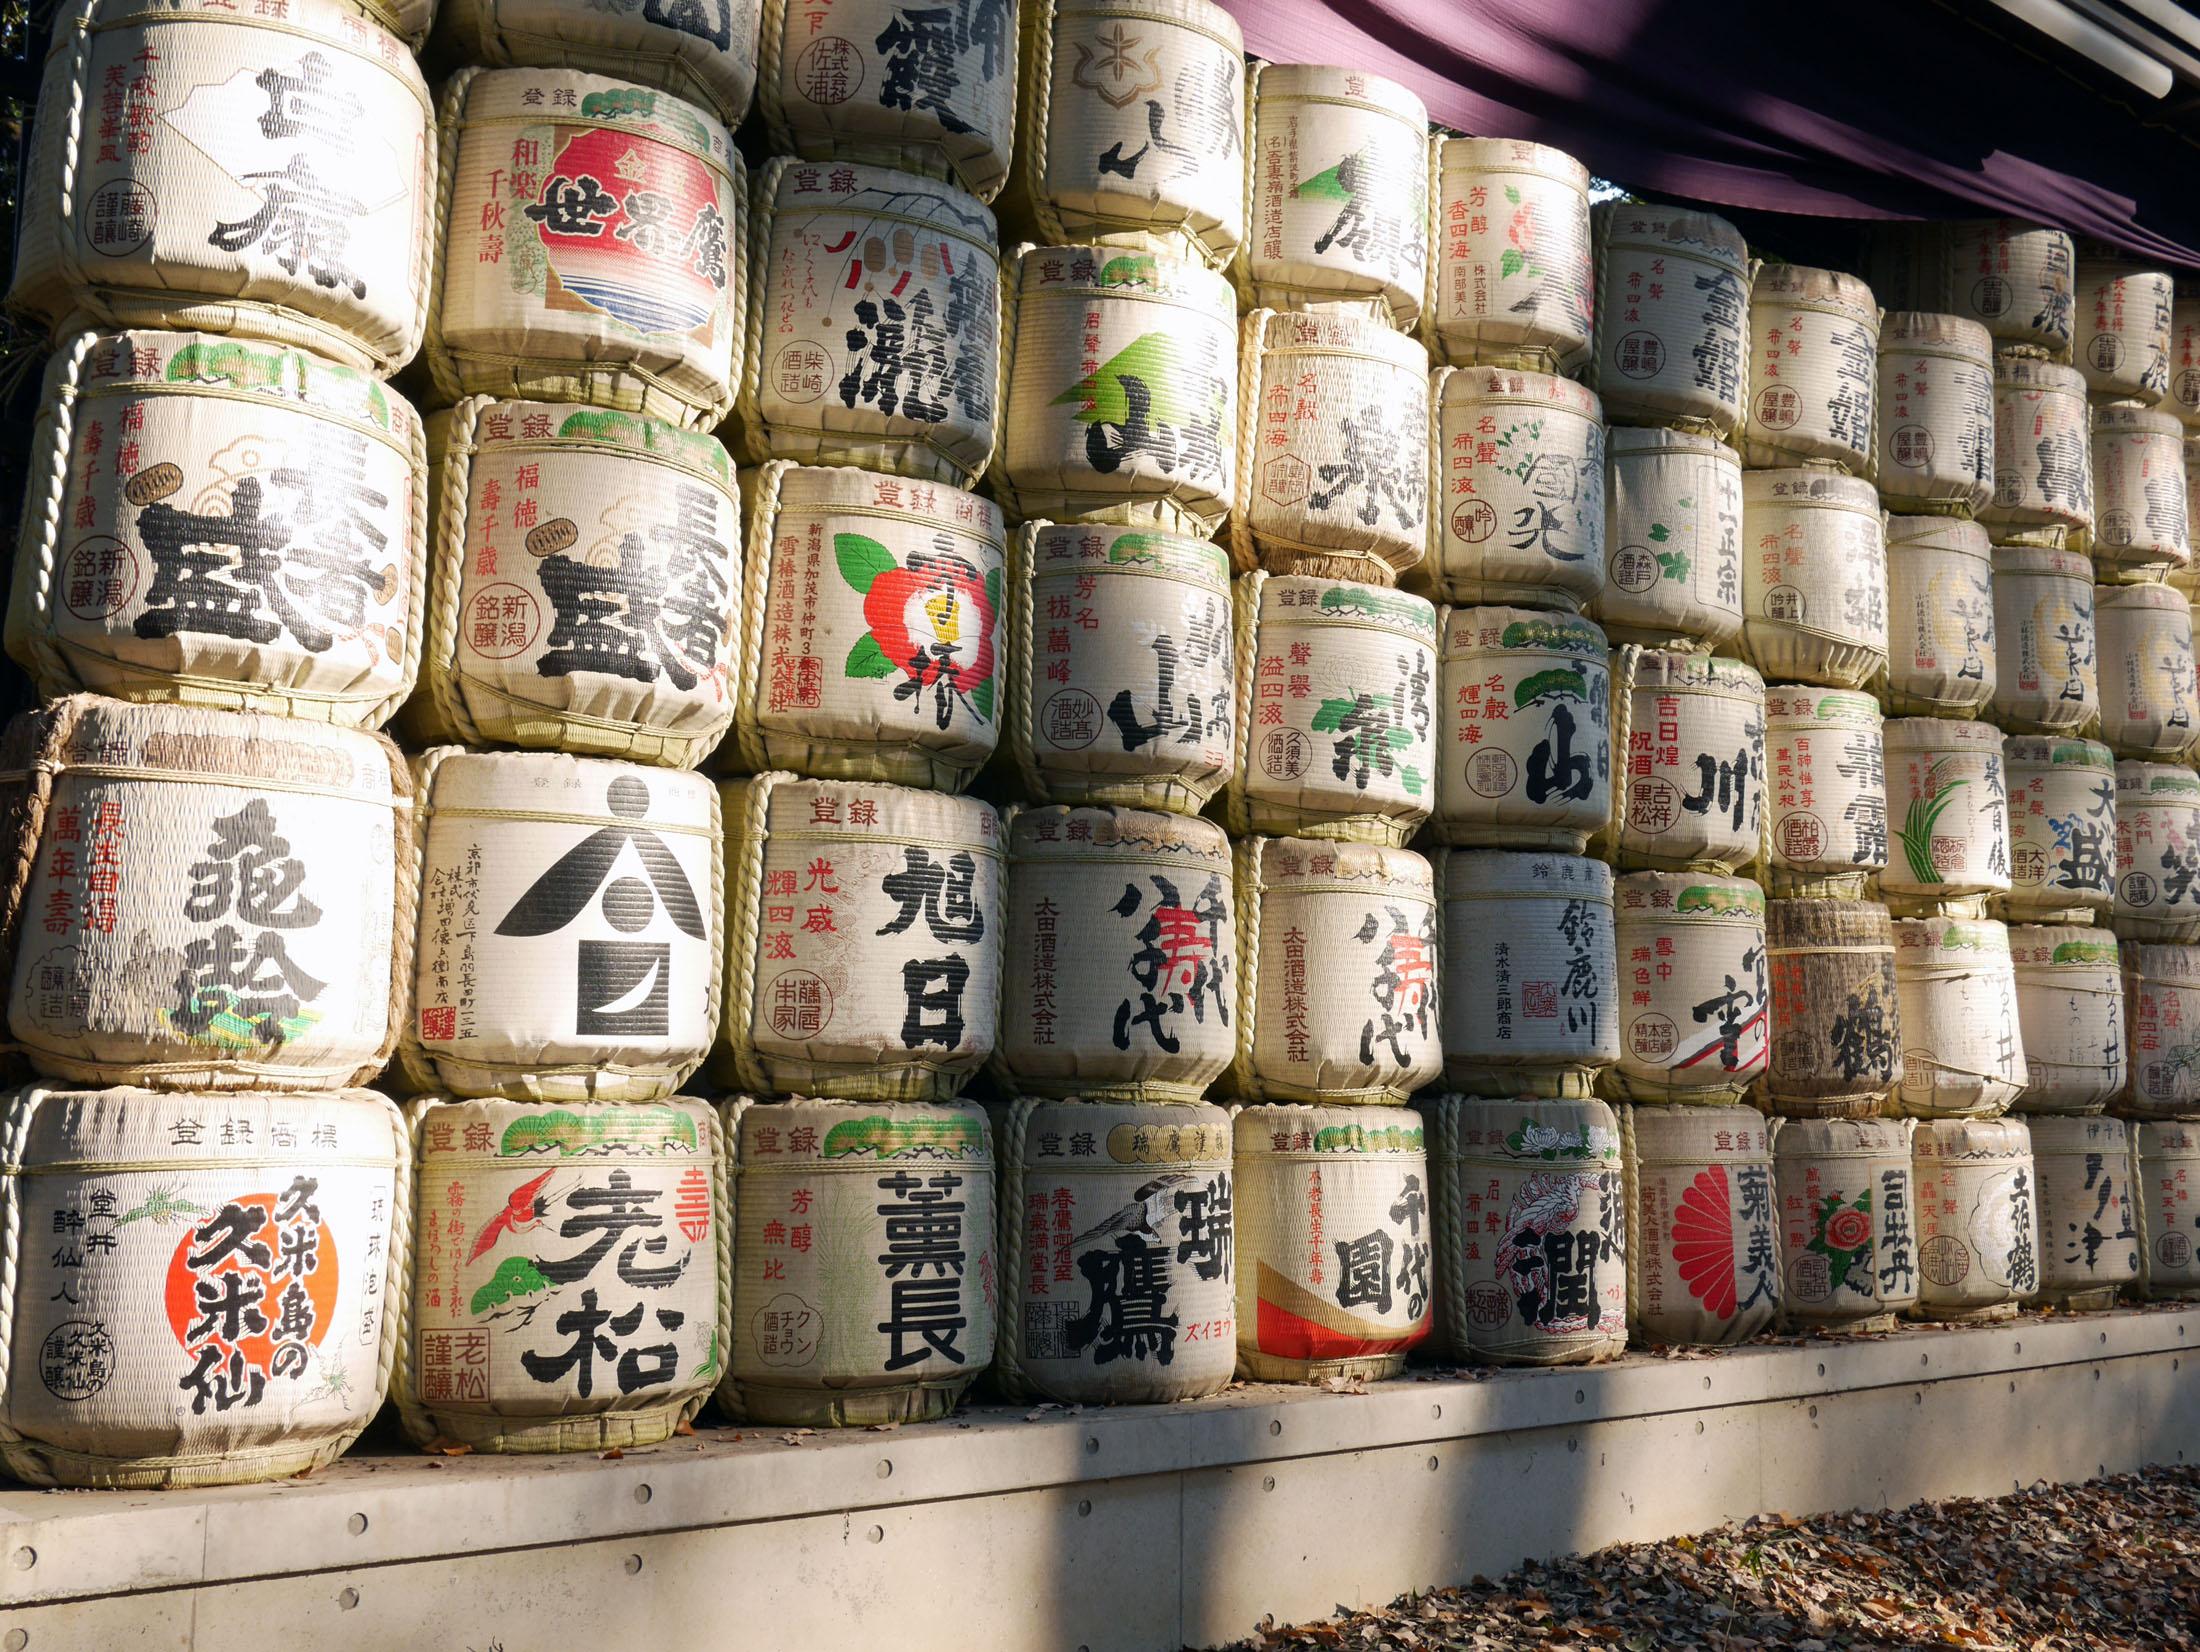 Os barris de sake foram presentes que o Imperador Meiji ganhou dos fabricantes. Ele foi promotor de prosperidade durante o seu governo.Estamos fascinados por esta cultura fantástica!